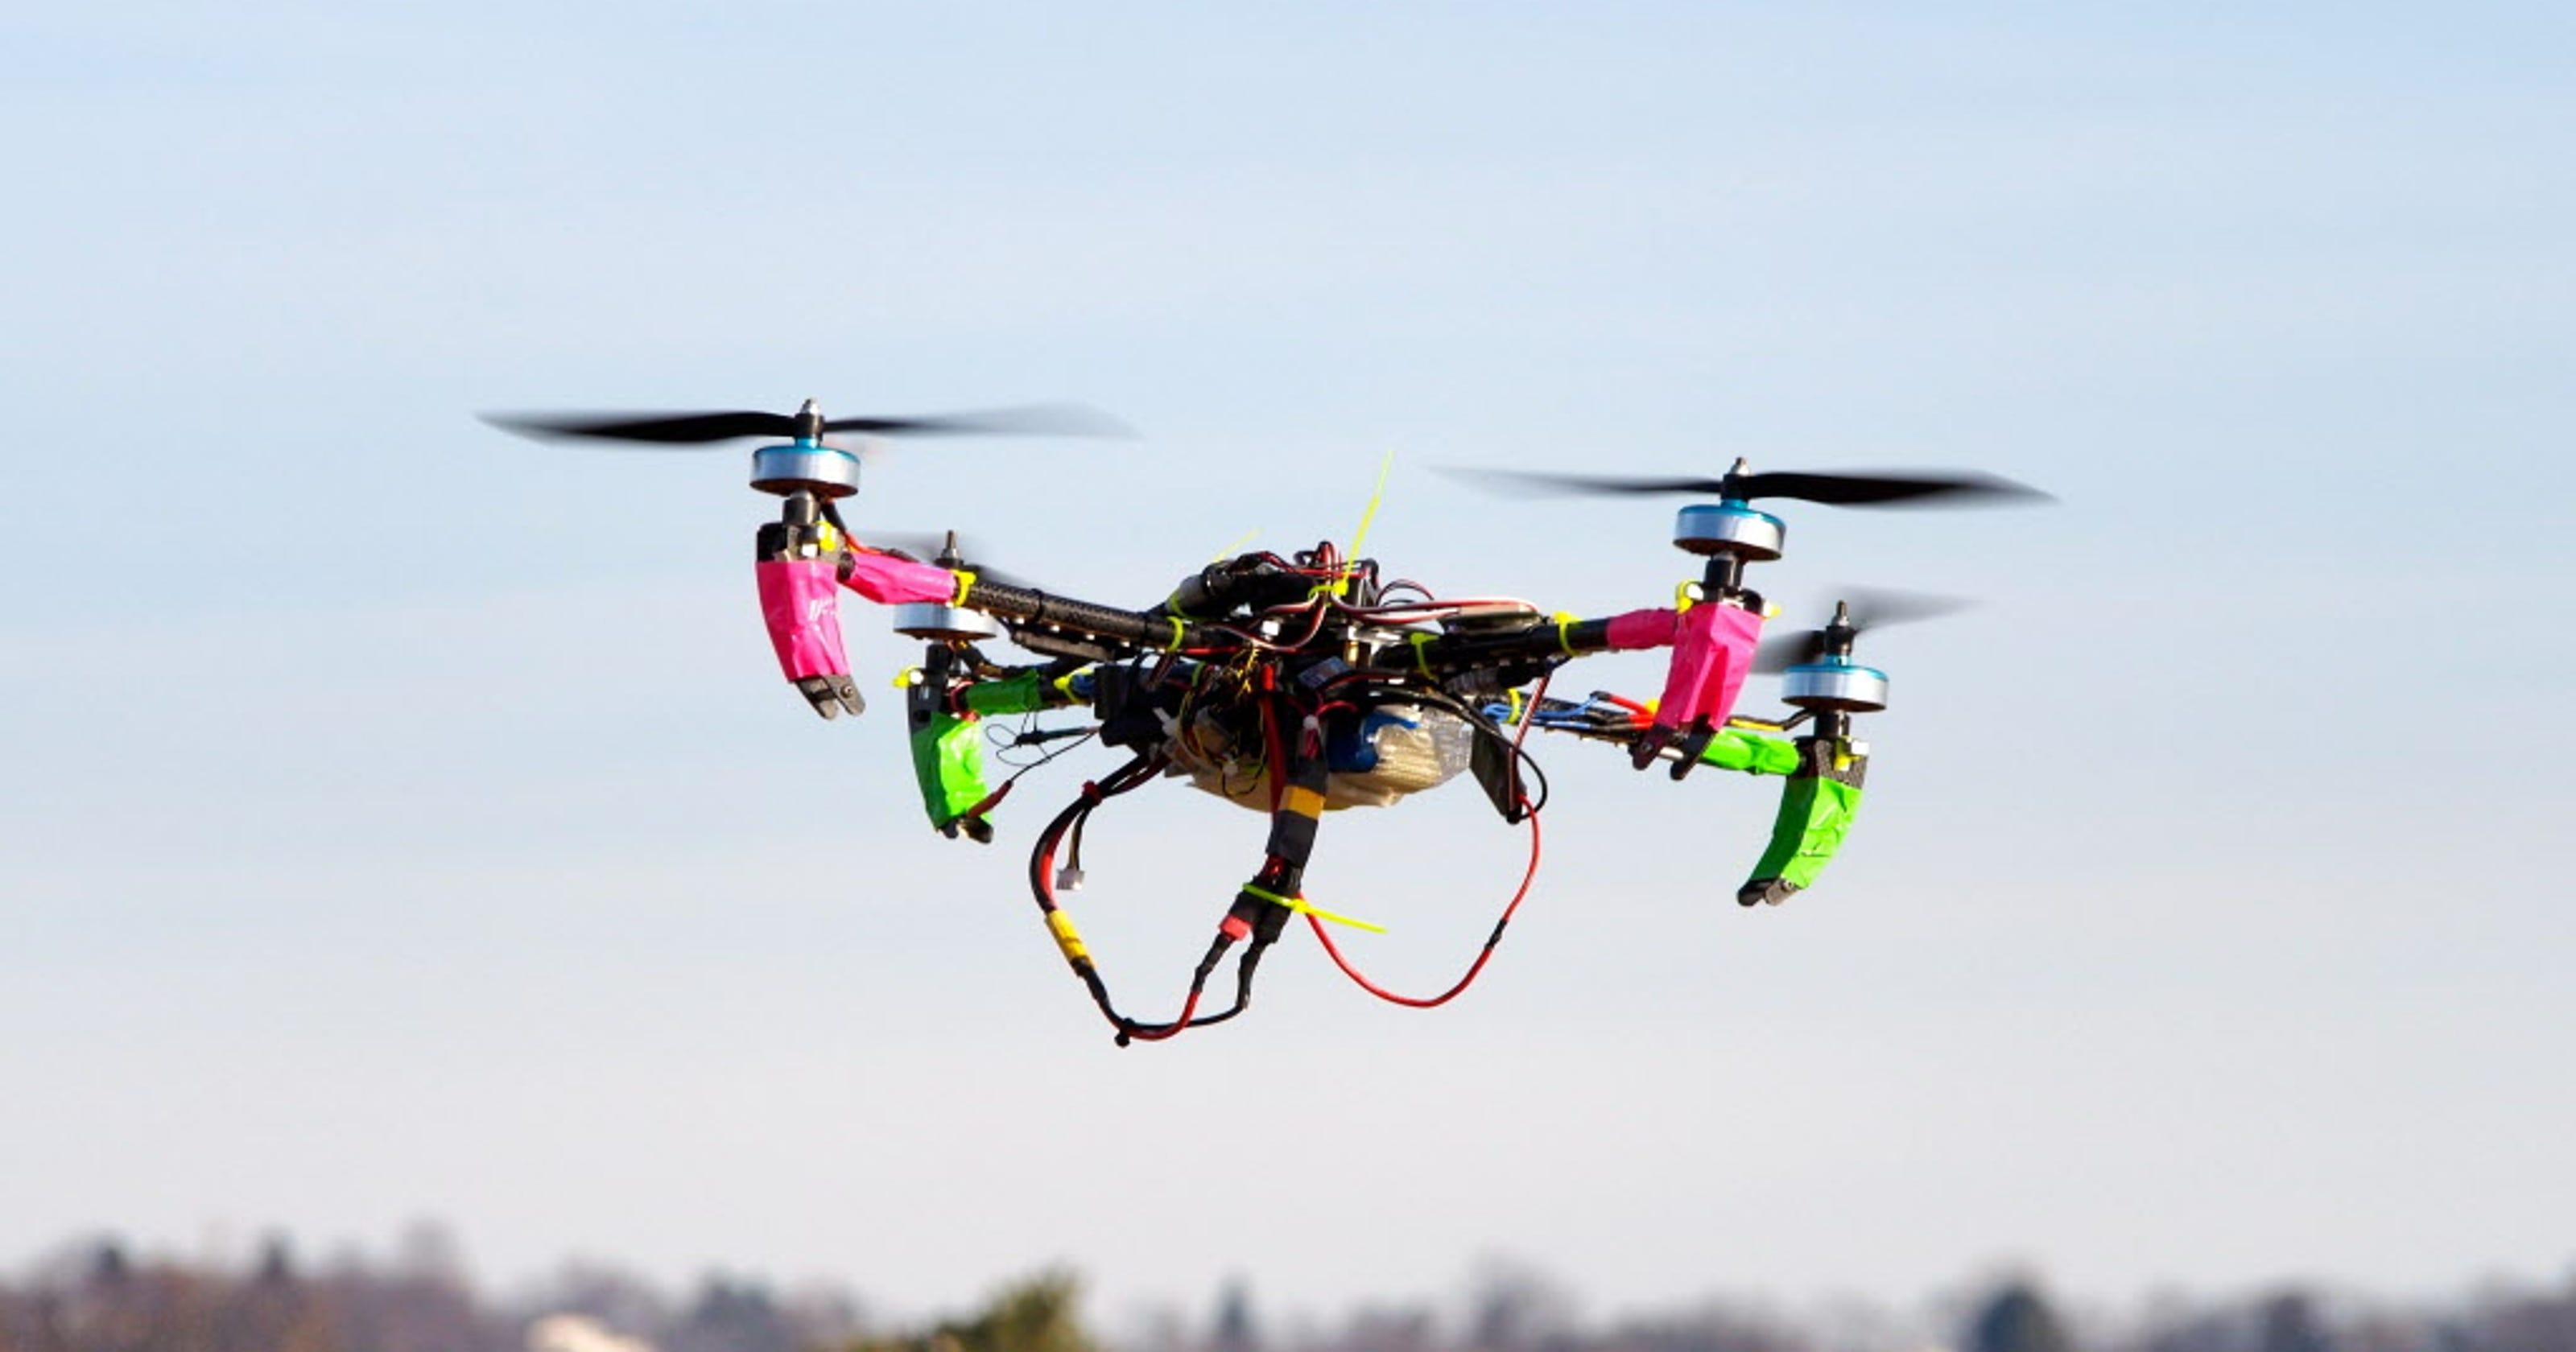 FAA starts registering recreational drones